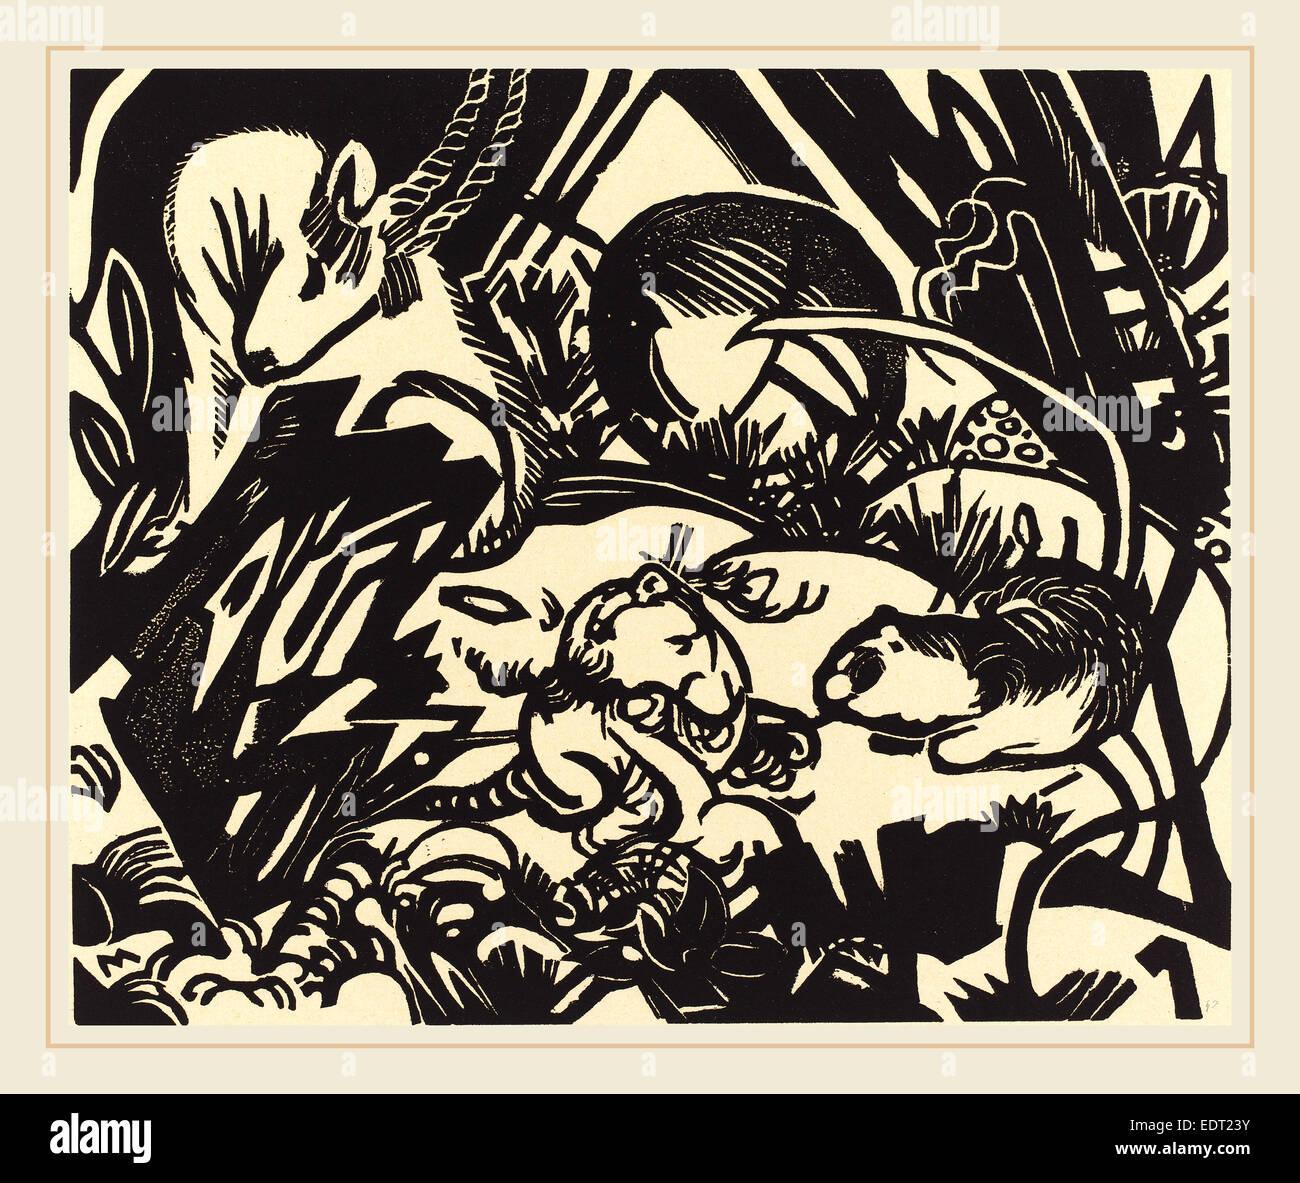 Franz Marc, animale legenda (Tierlegende), Tedesco, 1880-1916, 1912, xilografia Immagini Stock